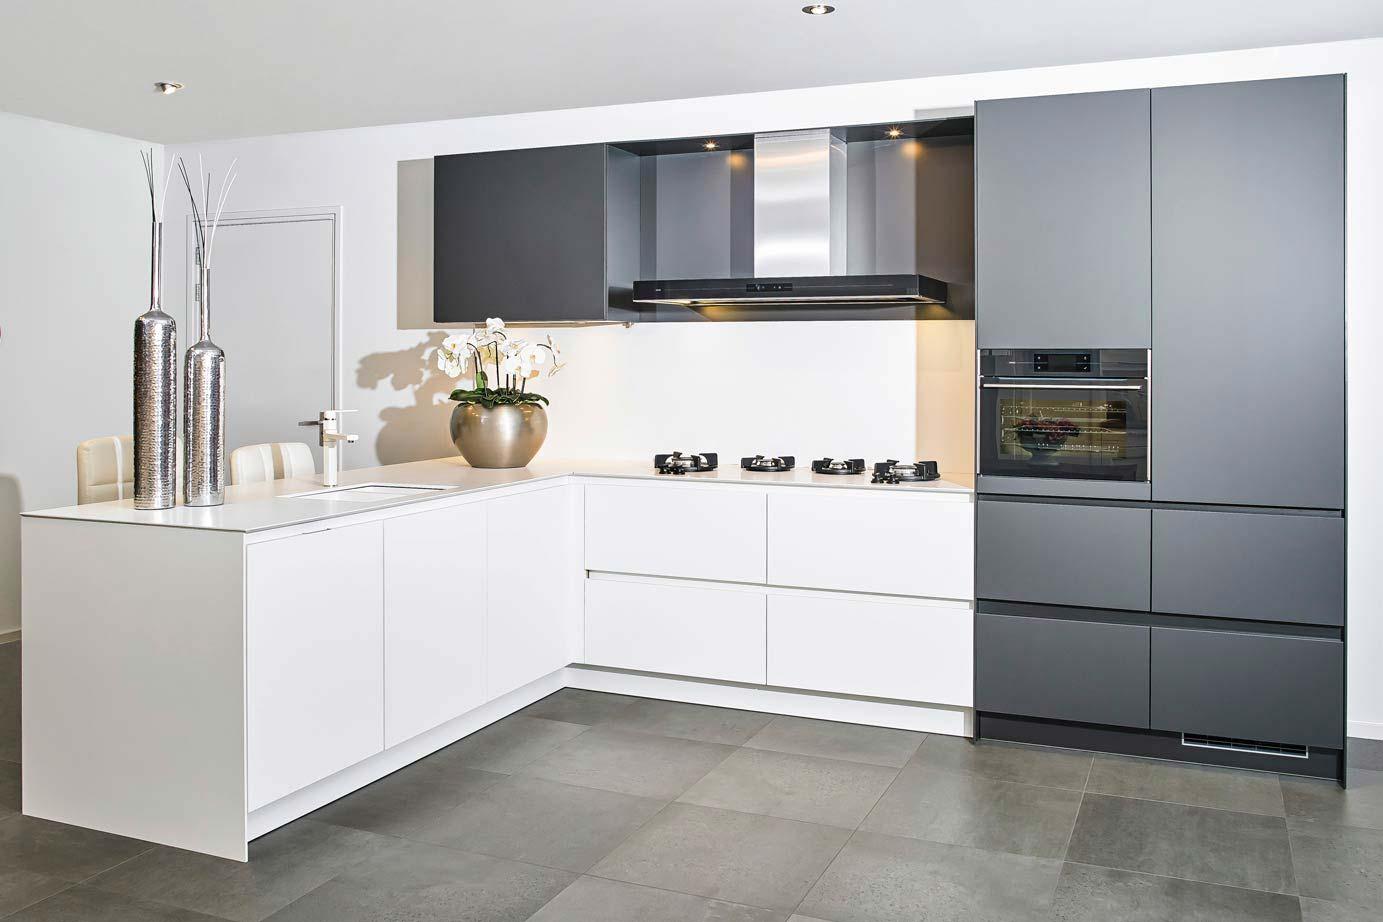 Witte Keuken Voordelen : Voordeel keukens top witte keuken met strak kookeiland van